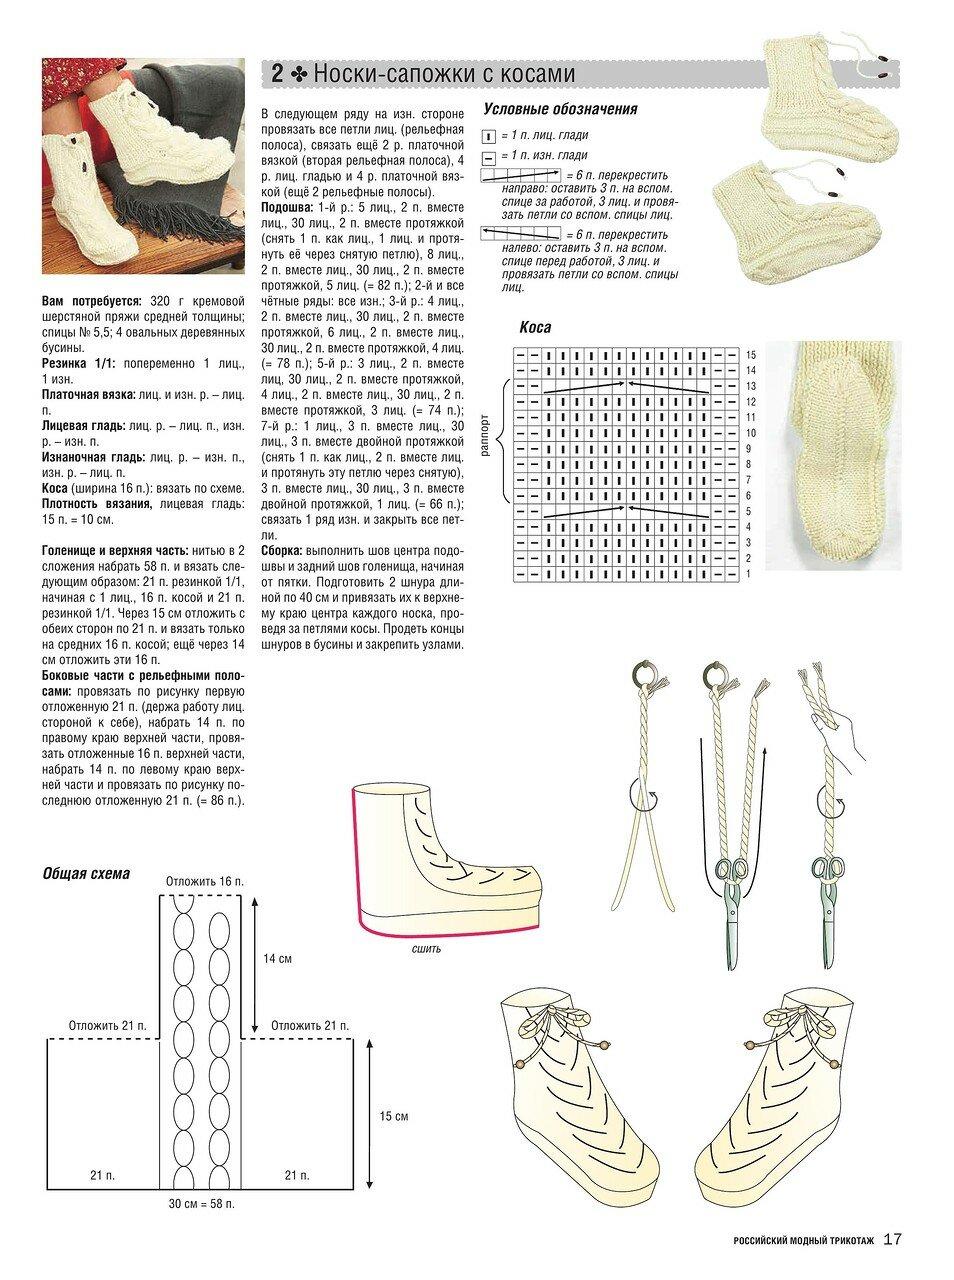 Вязание для детей сапожки схема